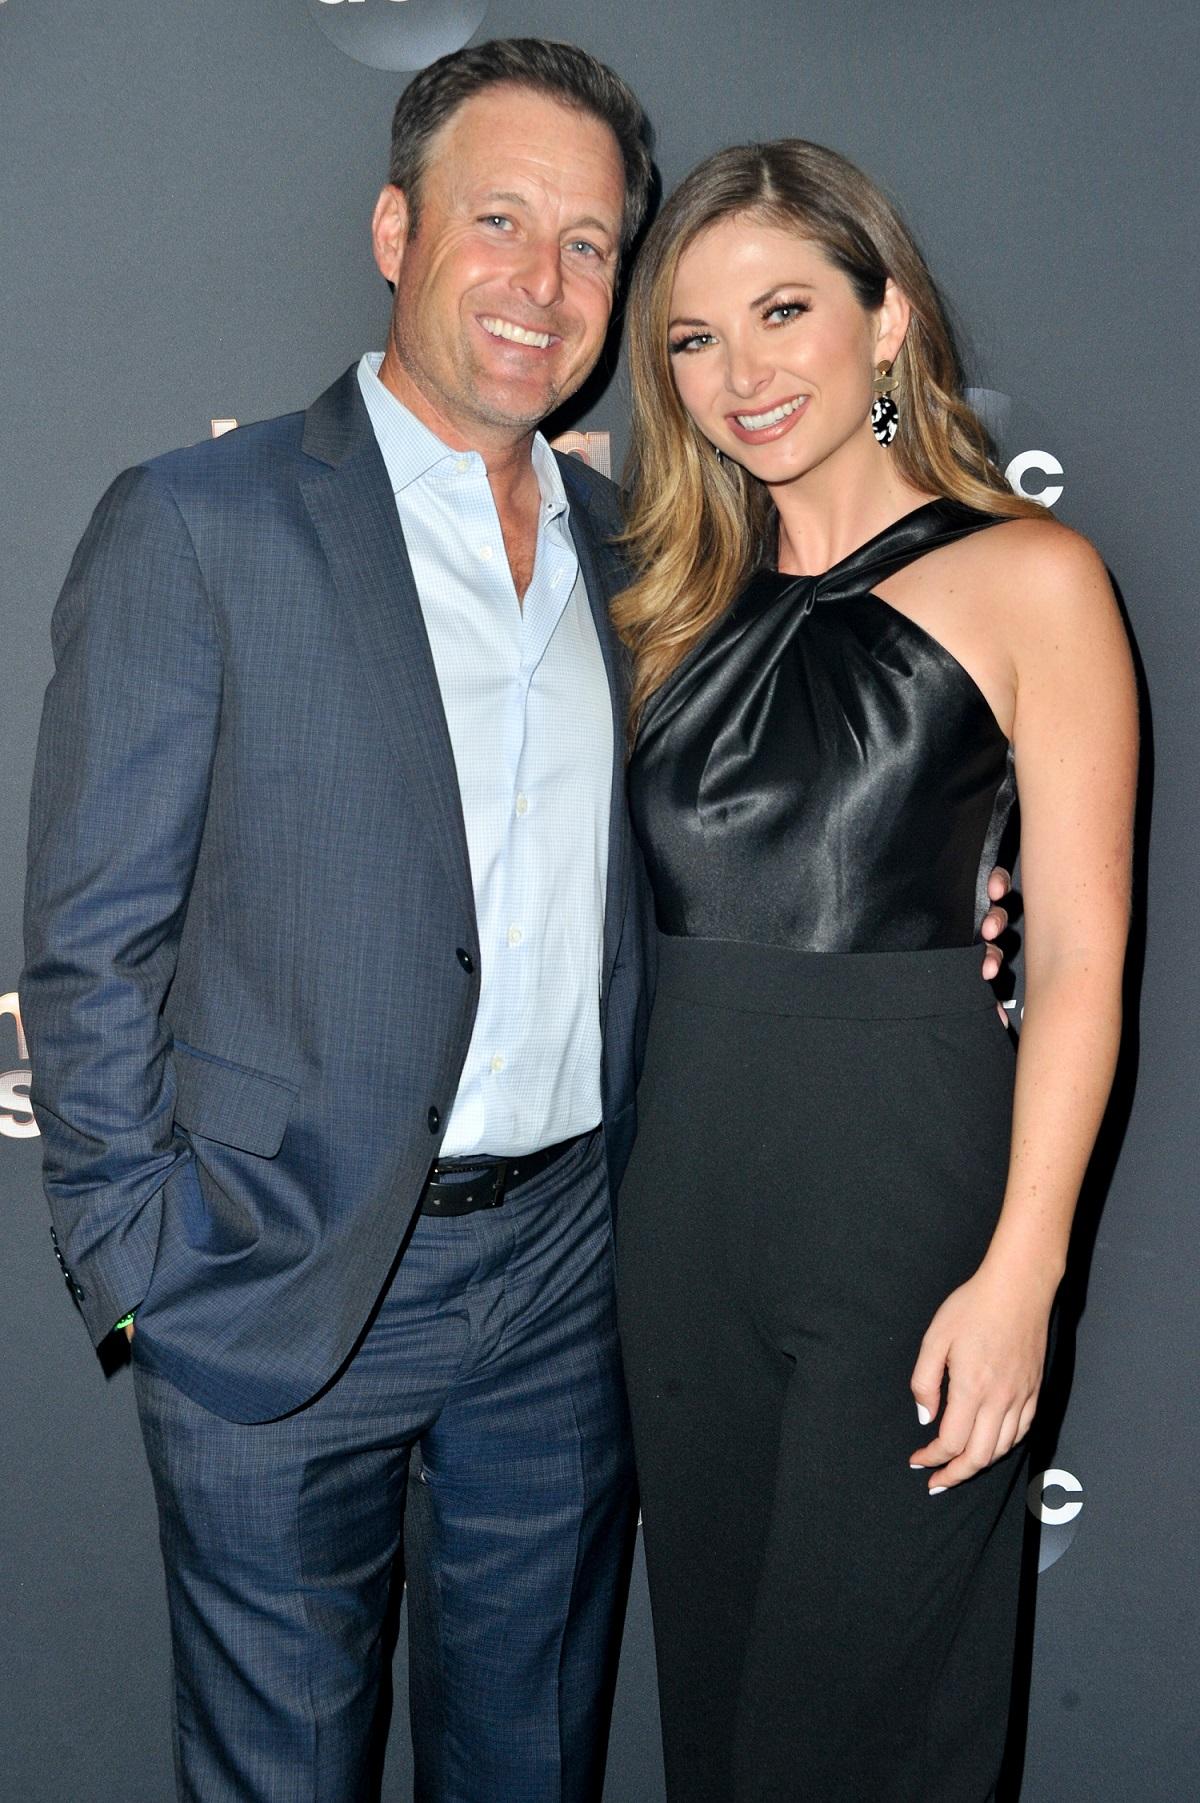 Chris Harrison and Lauren Zima